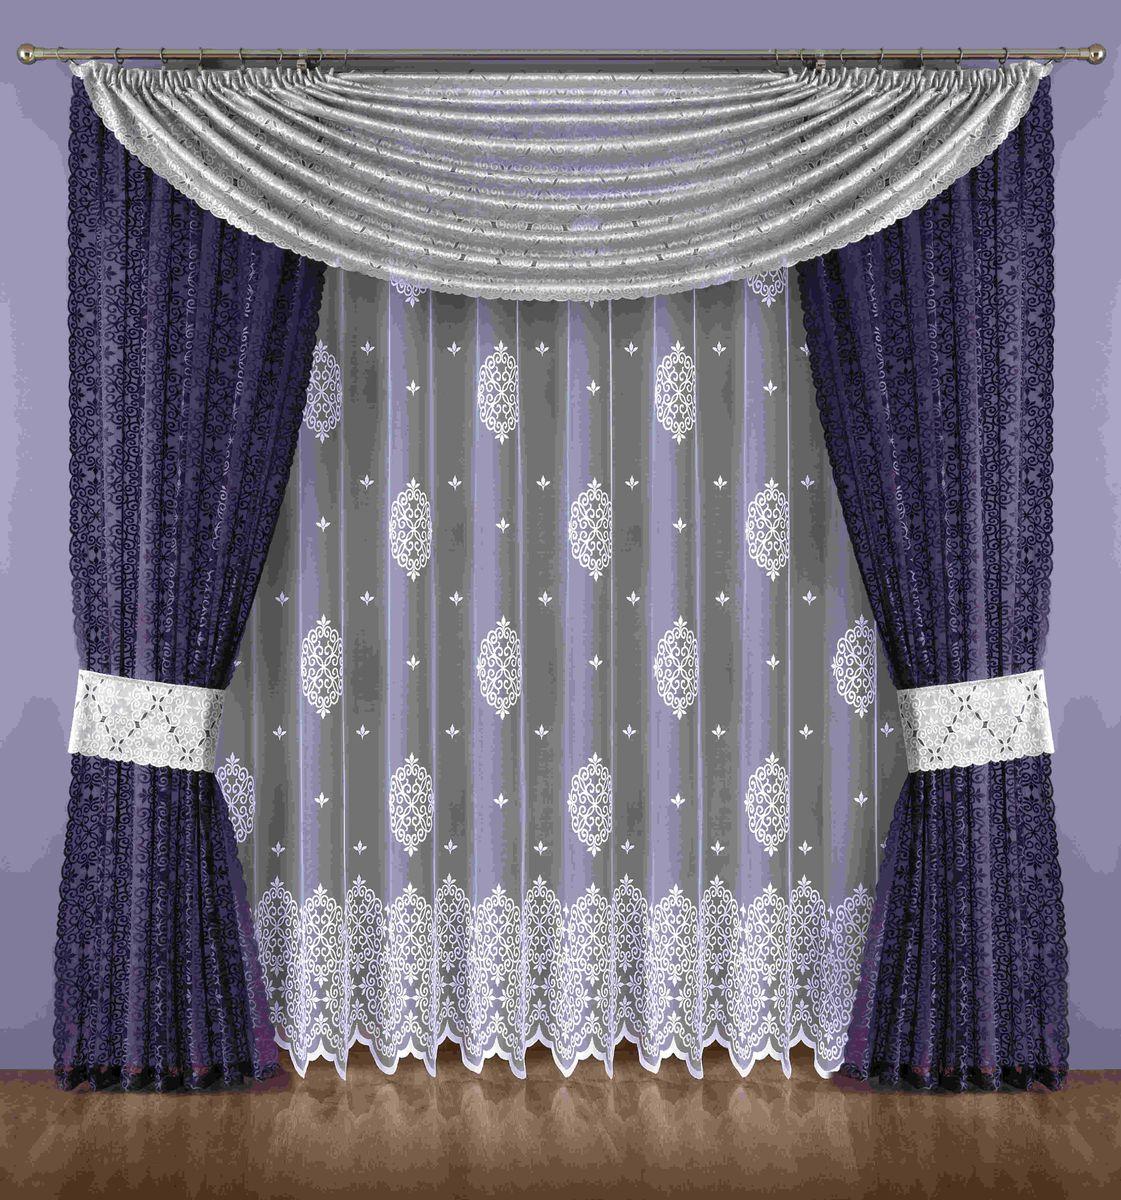 Комплект штор Wisan Maryna, на ленте, цвет: белый, серый, фиолетовый, высота 250 смSVC-300Комплект штор Wisan Maryna выполненный из полиэстера, великолепно украсит любое окно. В комплект входят 2 шторы, тюль, ламбрекен и 2 подхвата. Кружевной орнамент придает комплекту особый стиль и шарм. Тонкое плетение, нежная цветовая гамма и роскошное исполнение - все это делает шторы Wisan Maryna замечательным дополнением интерьера помещения.Комплект оснащен шторной лентой для красивой сборки. В комплект входит: Штора - 2 шт. Размер (ШхВ): 145 см х 250 см.Тюль - 1 шт. Размер (ШхВ): 400 см х 250 см. Ламбрекен - 1 шт. Размер (ШхВ): 300 см х 150 см. Подхват - 2 шт.Фирма Wisan на польском рынке существует уже более пятидесяти лет и является одной из лучших польских фабрик по производству штор и тканей. Ассортимент фирмы представлен готовыми комплектами штор для гостиной, детской, кухни, а также текстилем для кухни (скатерти, салфетки, дорожки, кухонные занавески). Модельный ряд отличает оригинальный дизайн, высокое качество. Ассортимент продукции постоянно пополняется.